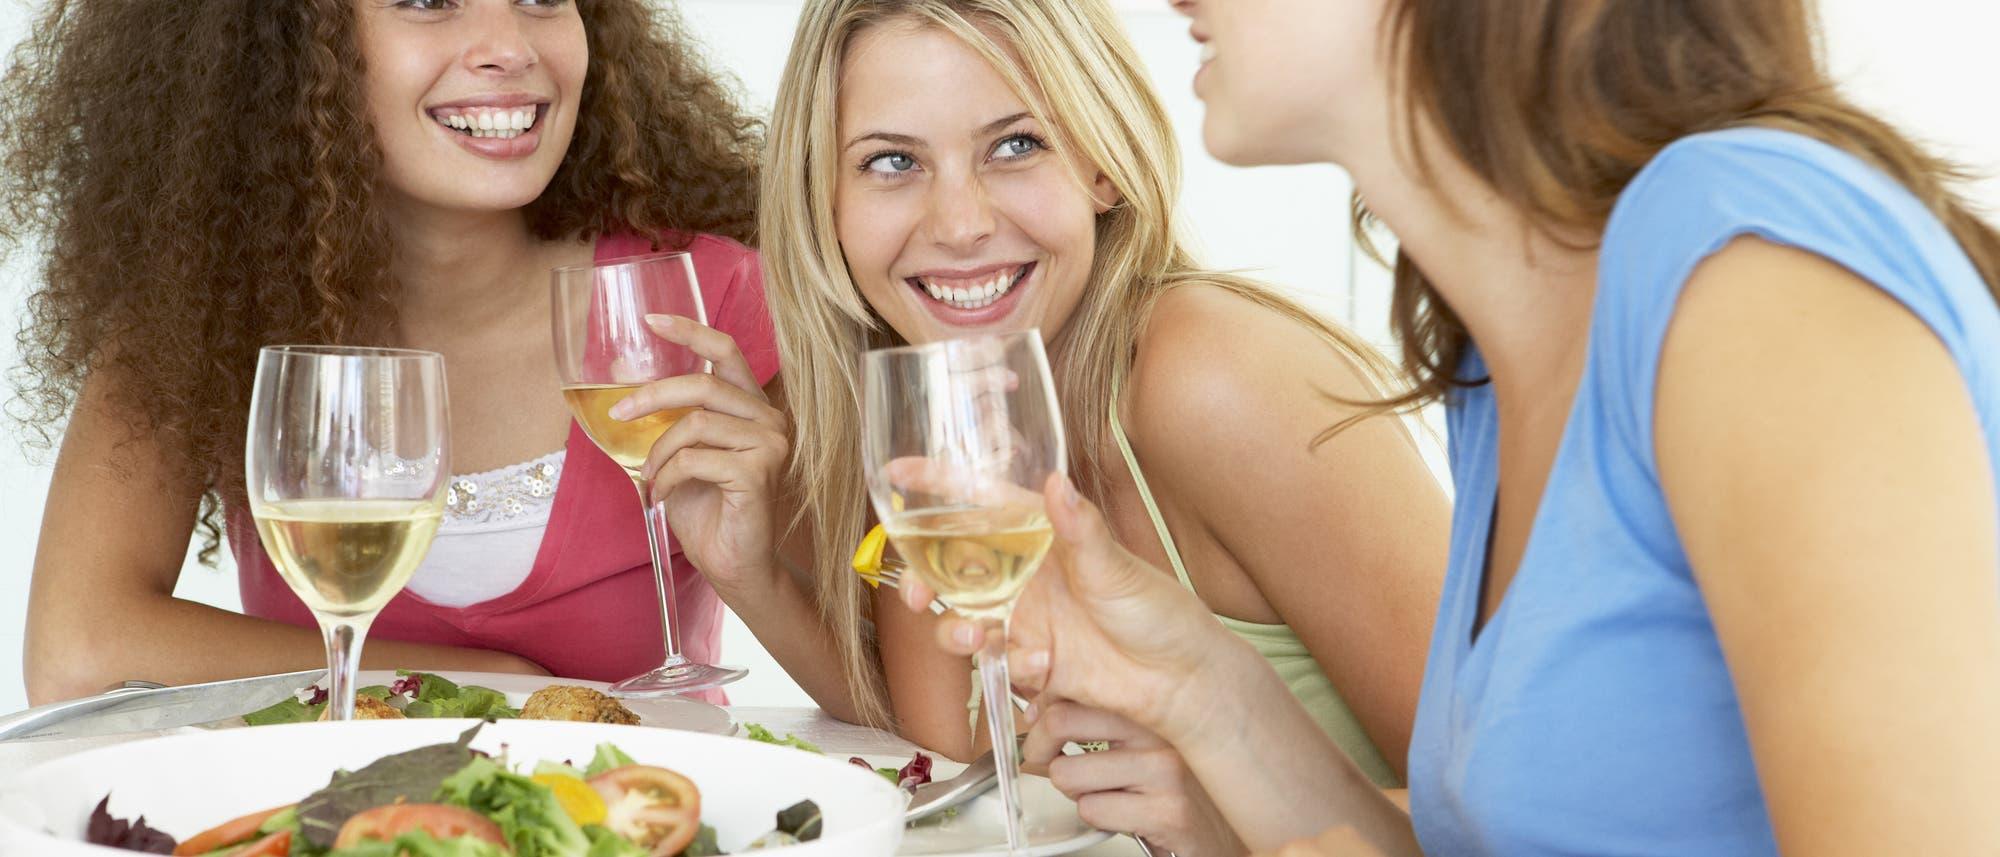 Gemeinsam schmeckt das Essen besser!